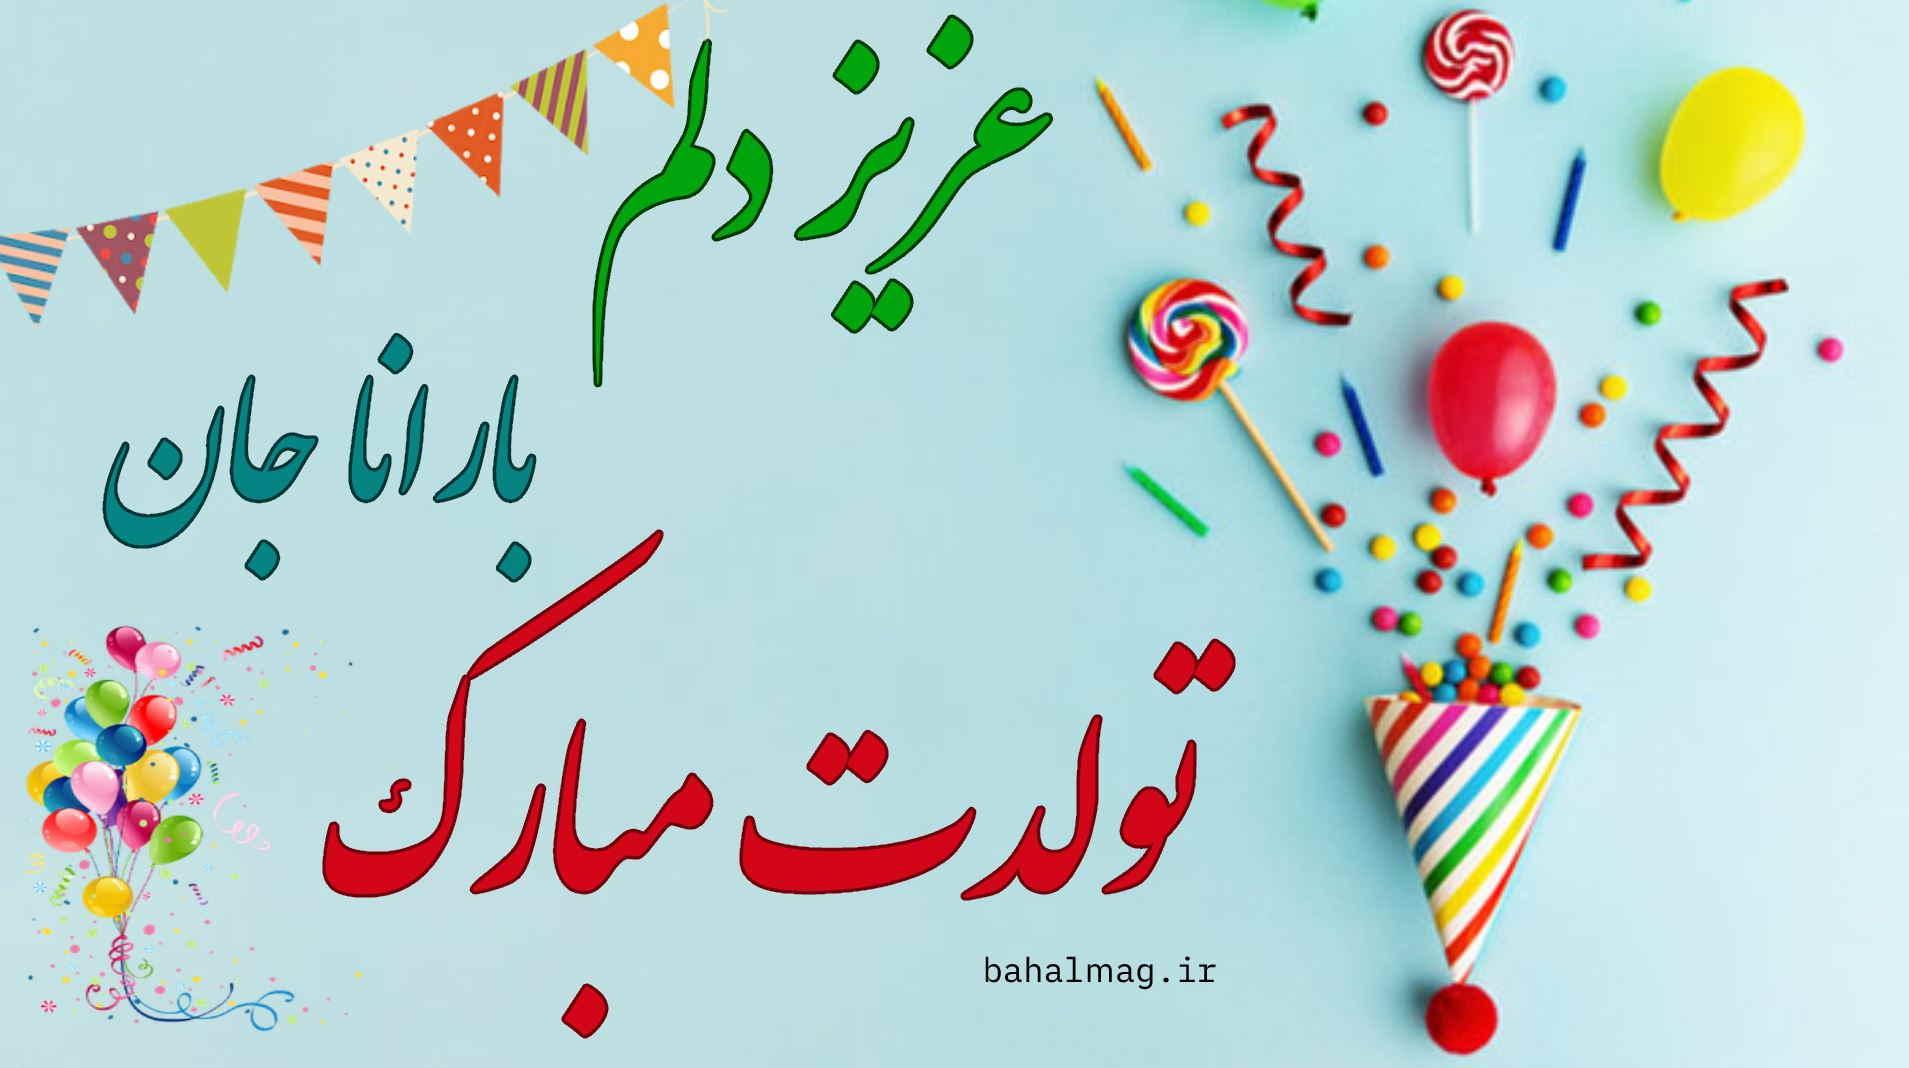 عزیز دلم بارانا تولدت مبارک